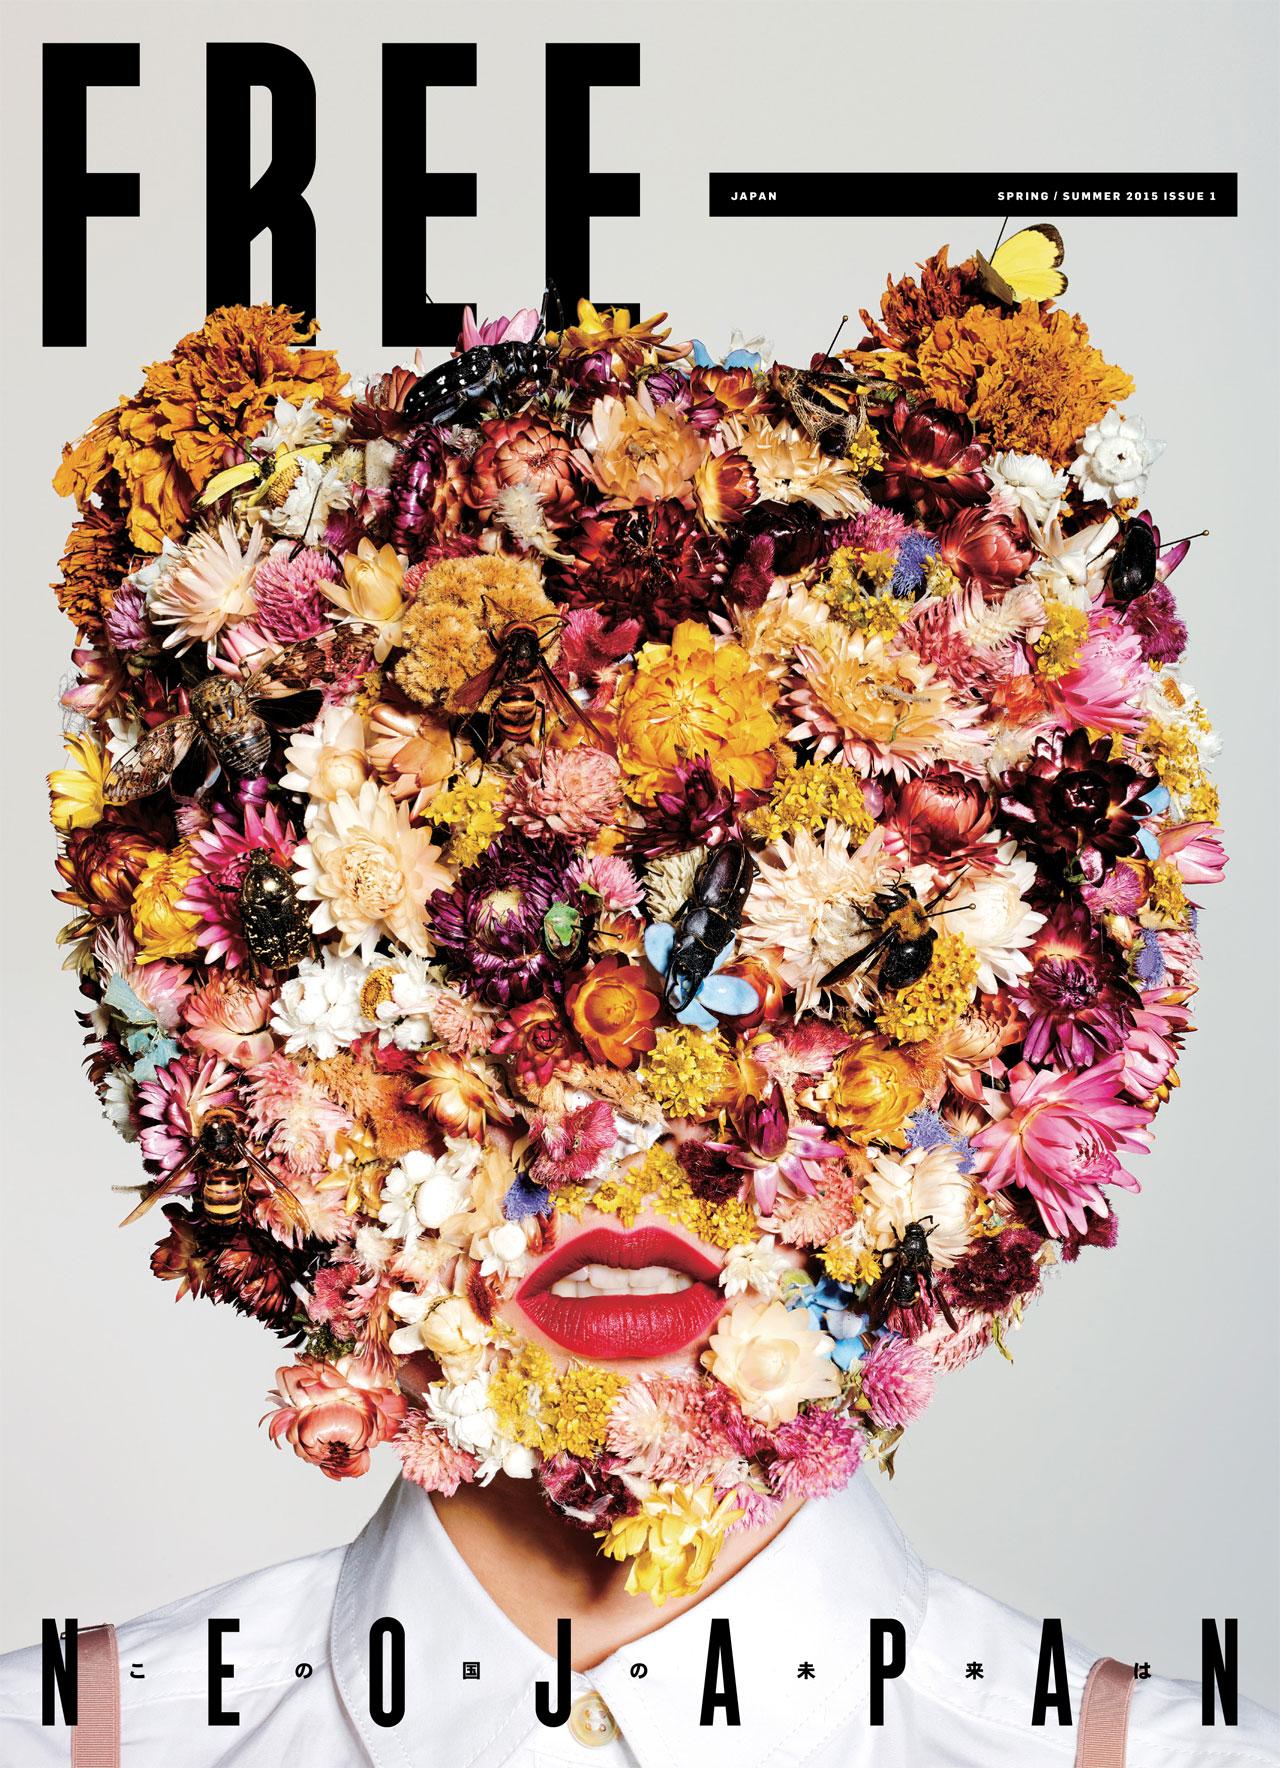 Exclusive Preview: Nicola Formichetti's FREE Magazine